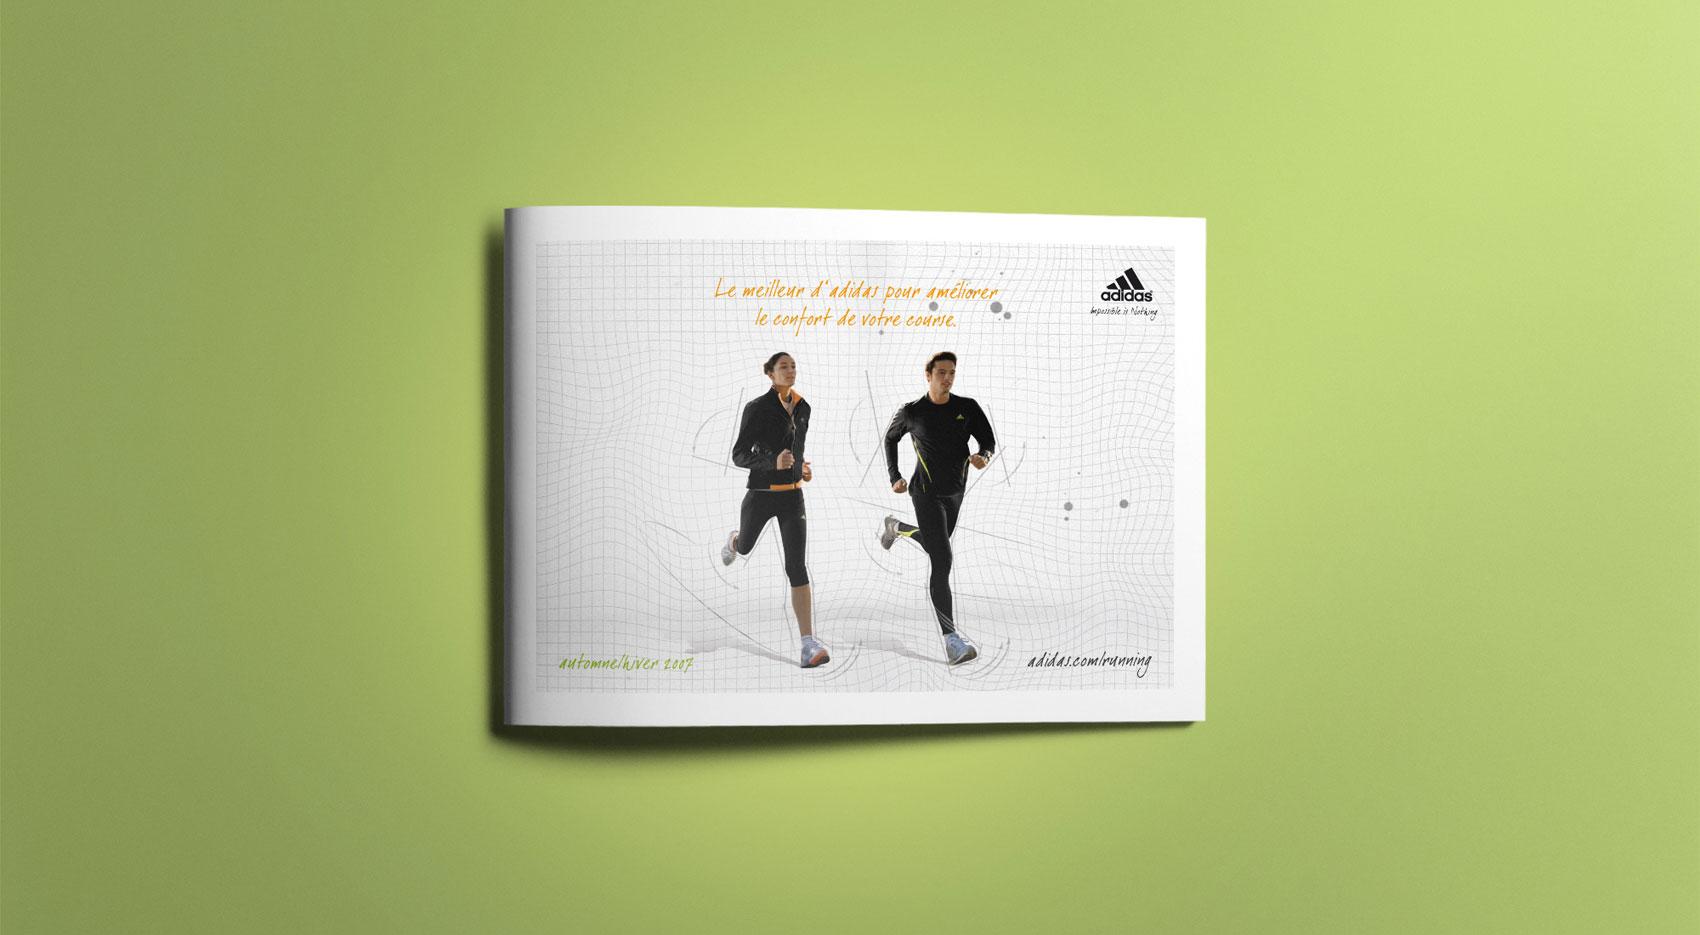 adidas-running-1